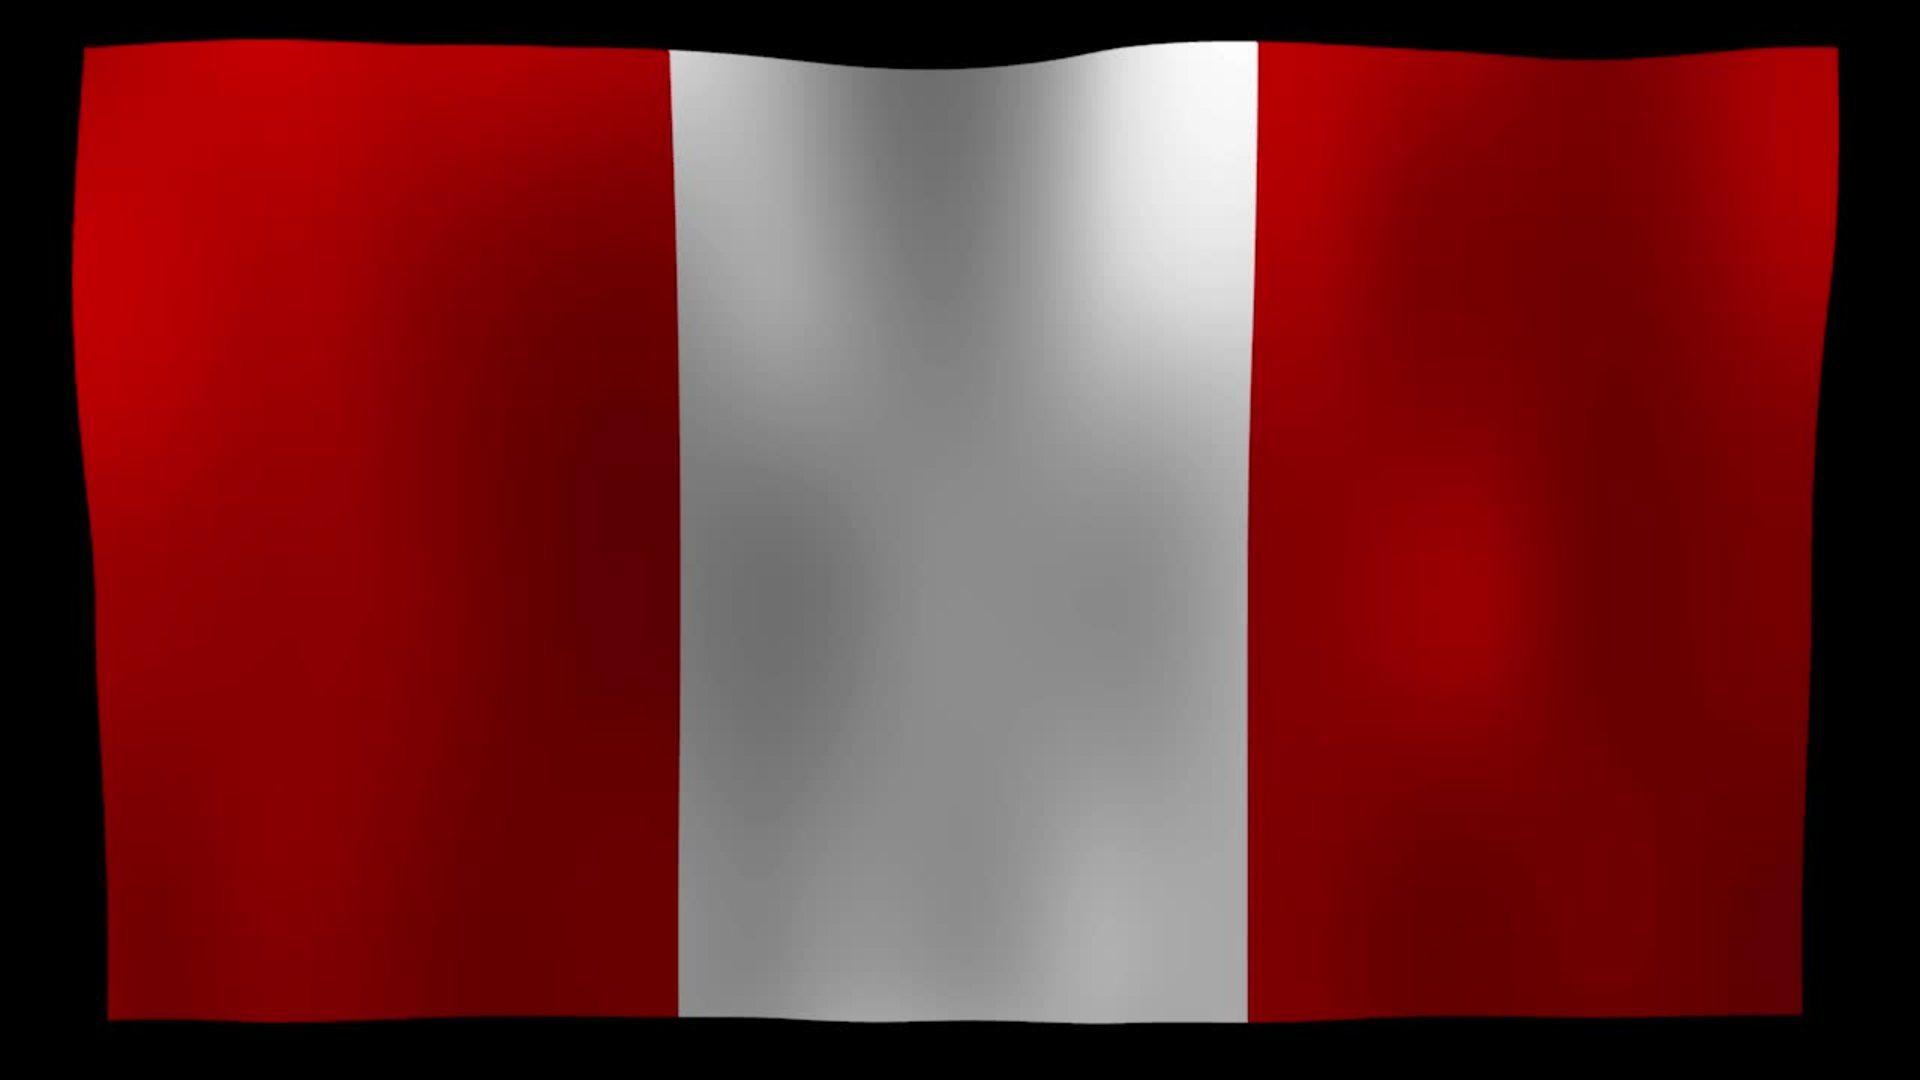 Bandera De Peru 4k Motion Loop After Effects Plantilla Clips Y Videos Hd De Gratis En Videezy